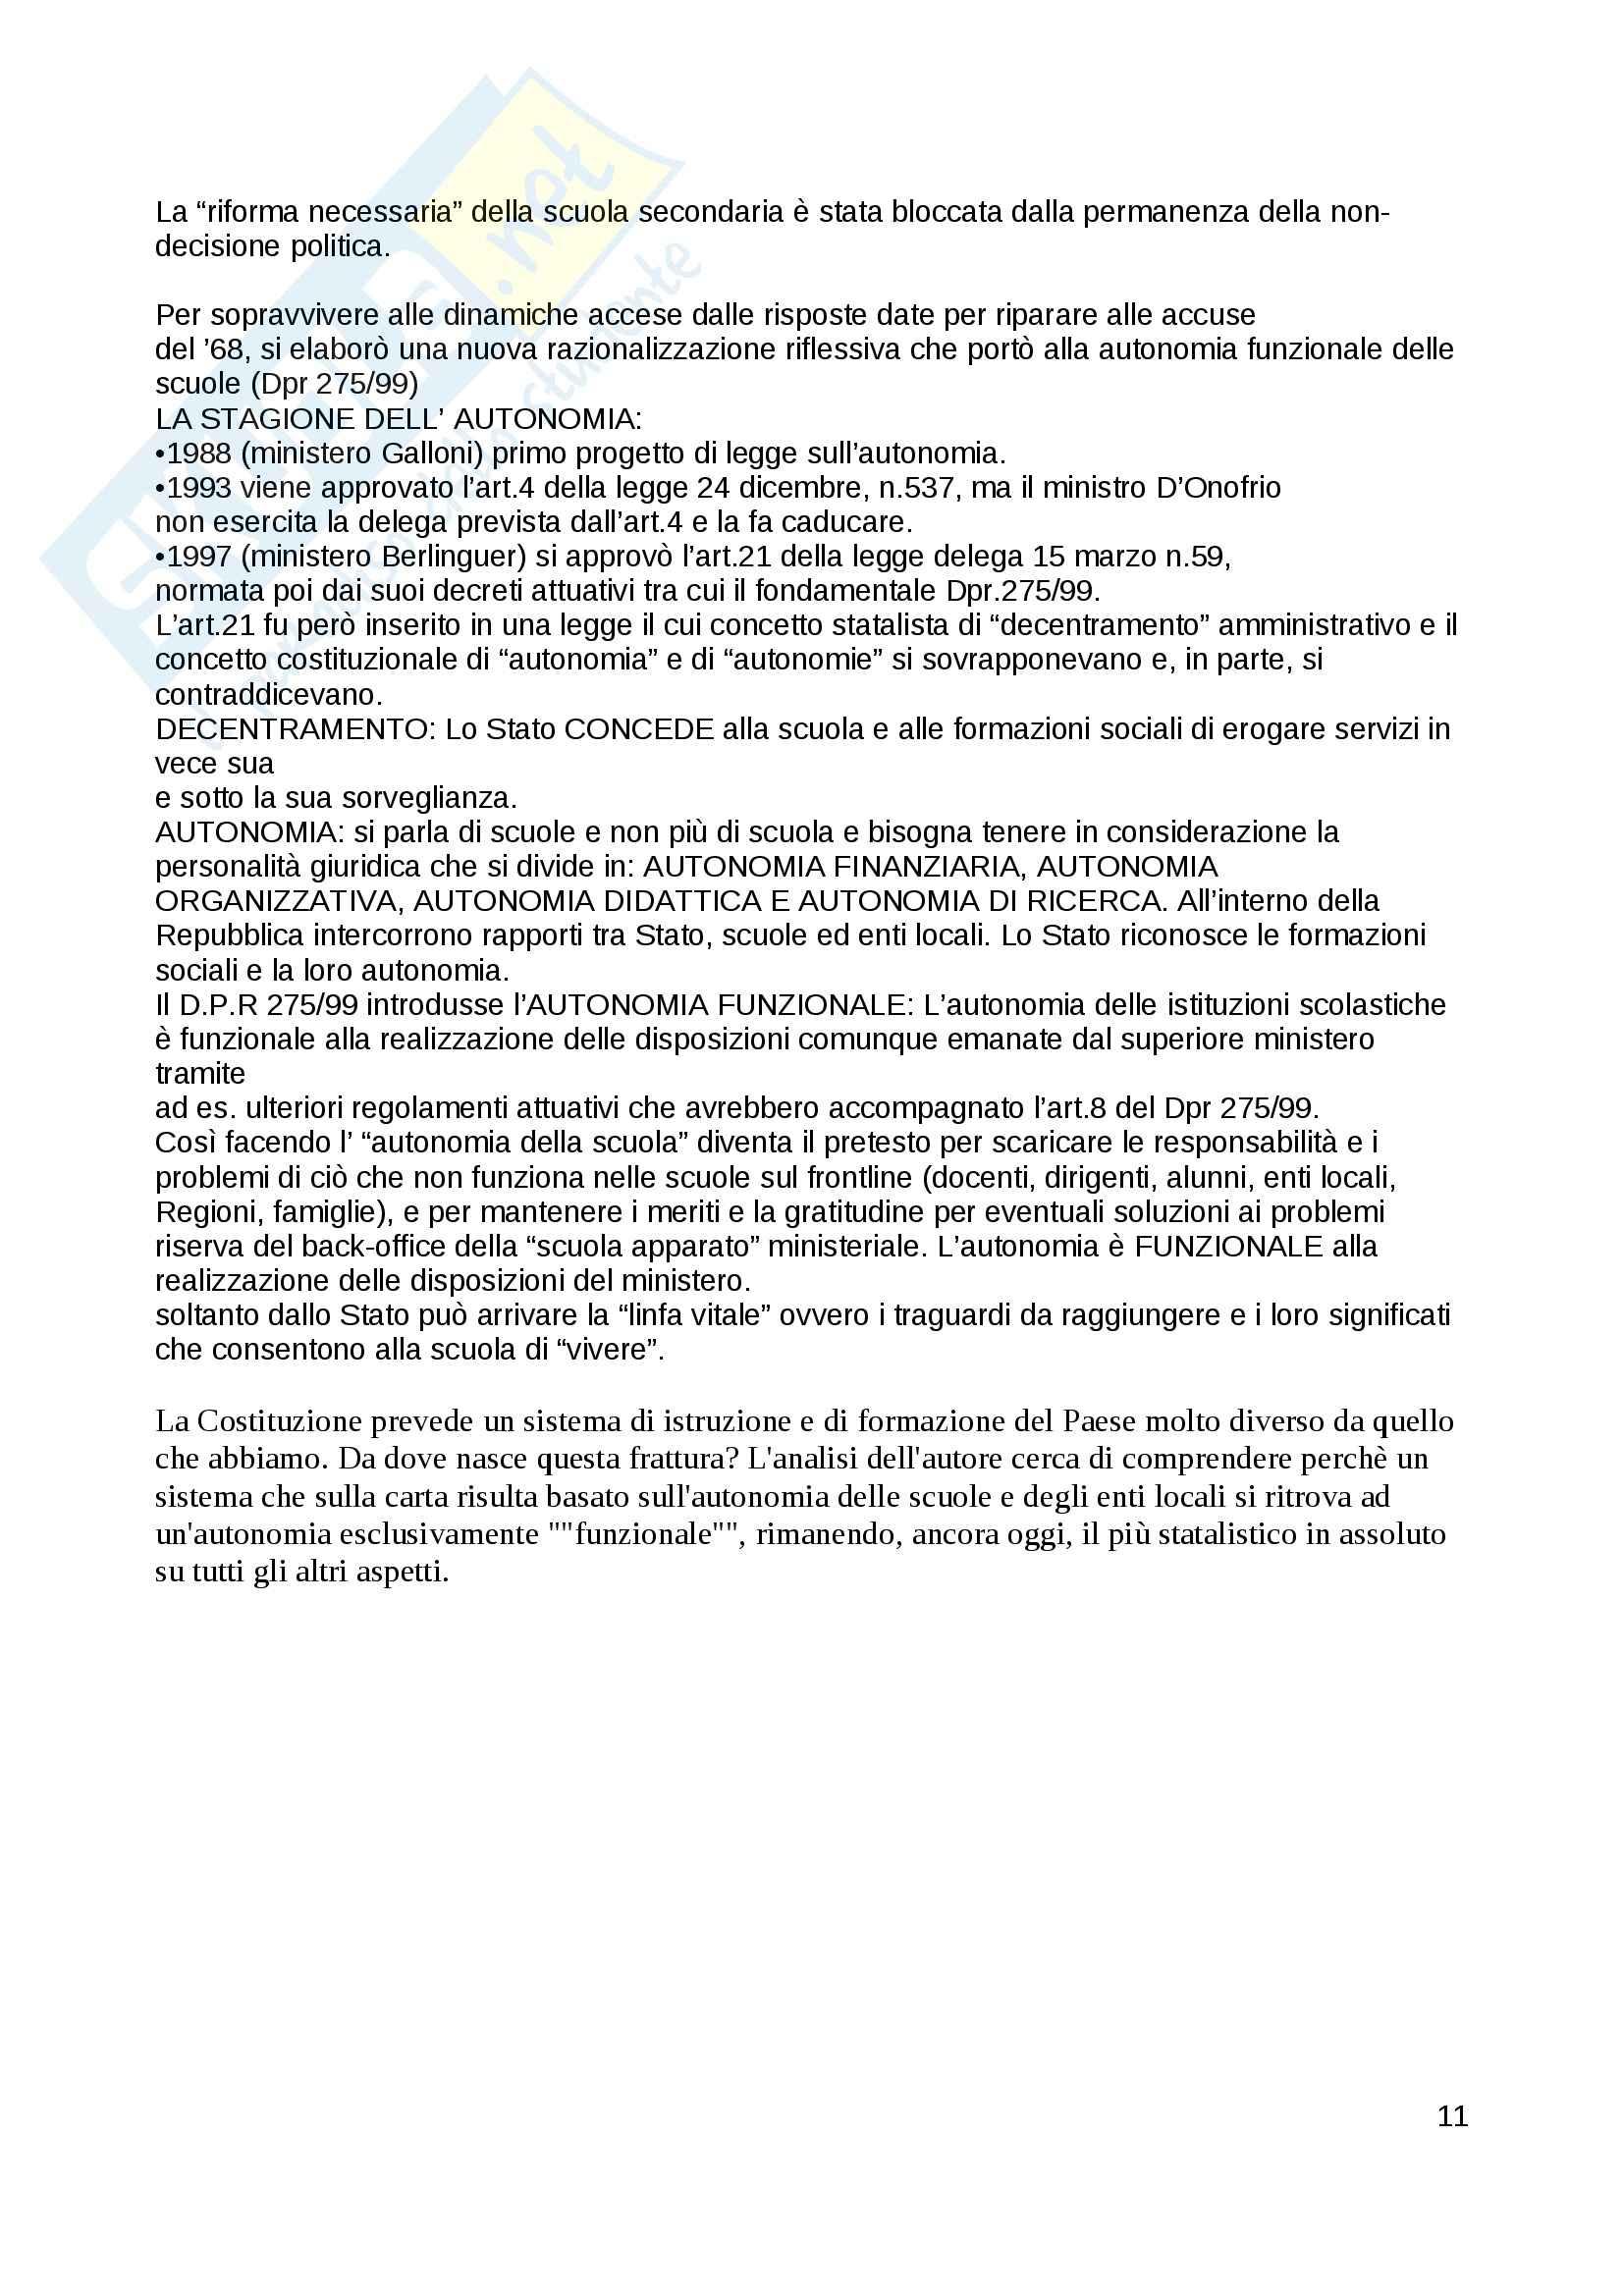 Riassunto esame Pedagogia generale, prof. Bertagna, libro consigliato Autonomia: storia, bilancio e rilancio di un'idea, Bertagna Pag. 11